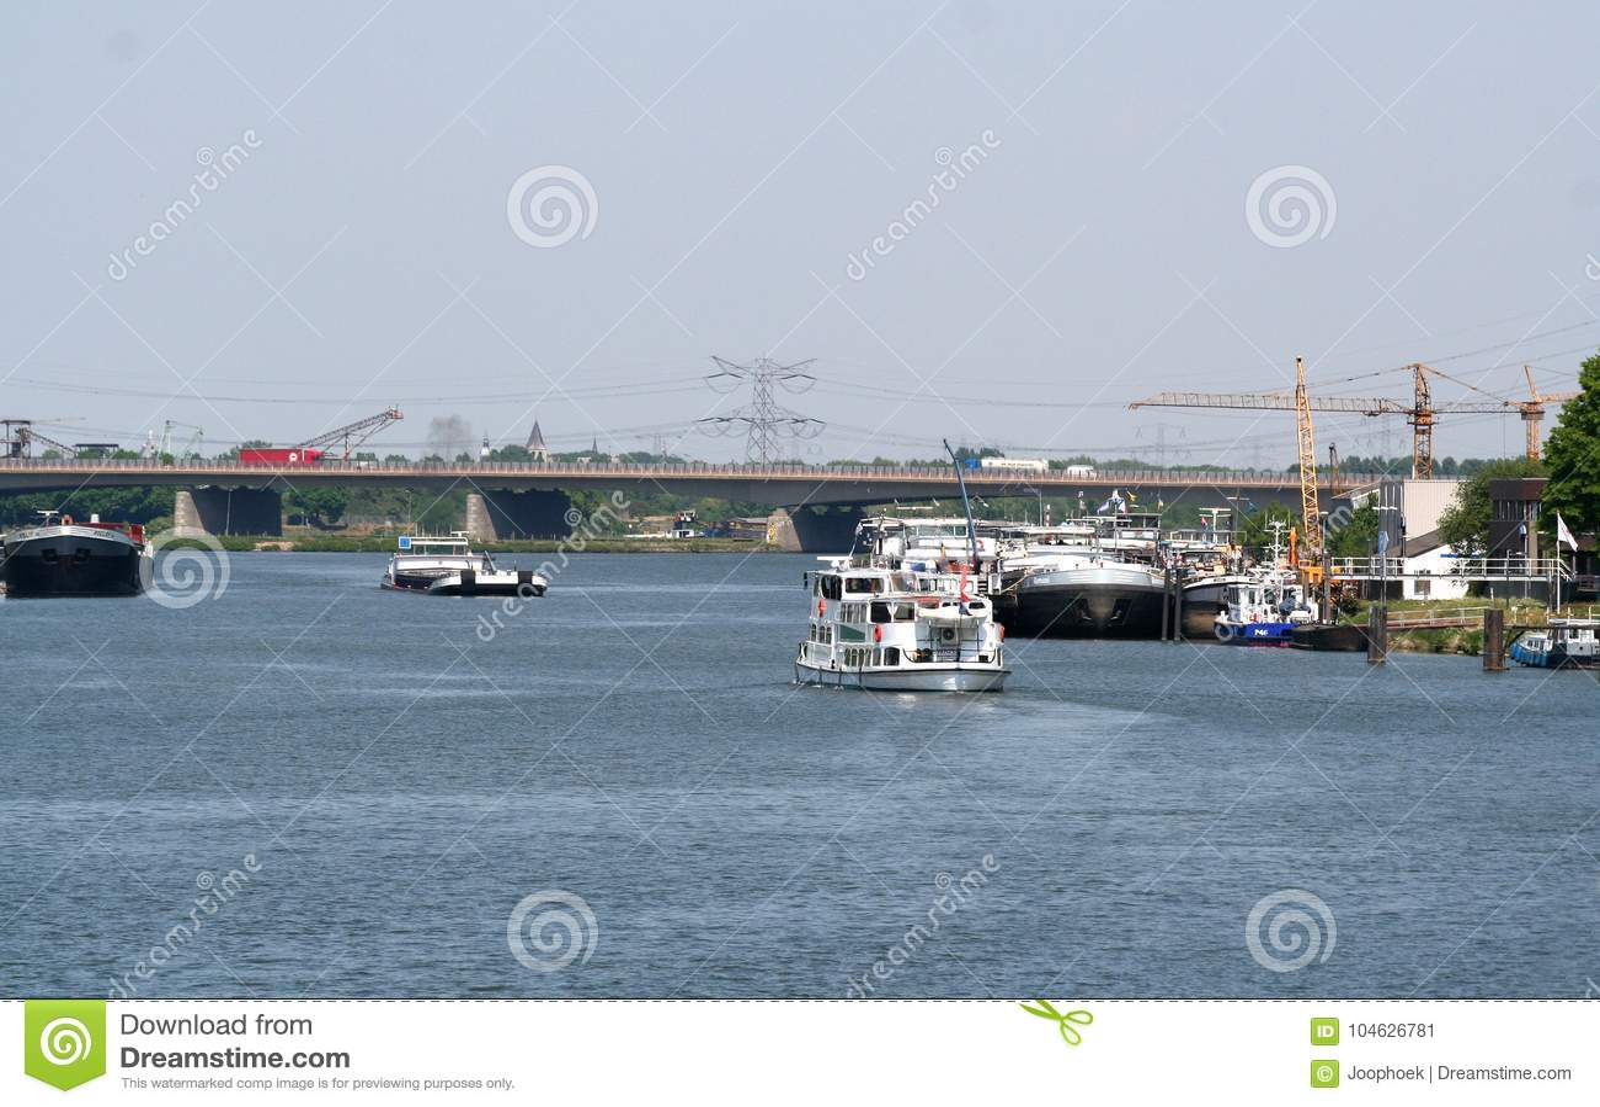 Download Binnenscheepvaart Op De Rivier Meuse Redactionele Foto - Afbeelding bestaande uit boten, d0: 104626781